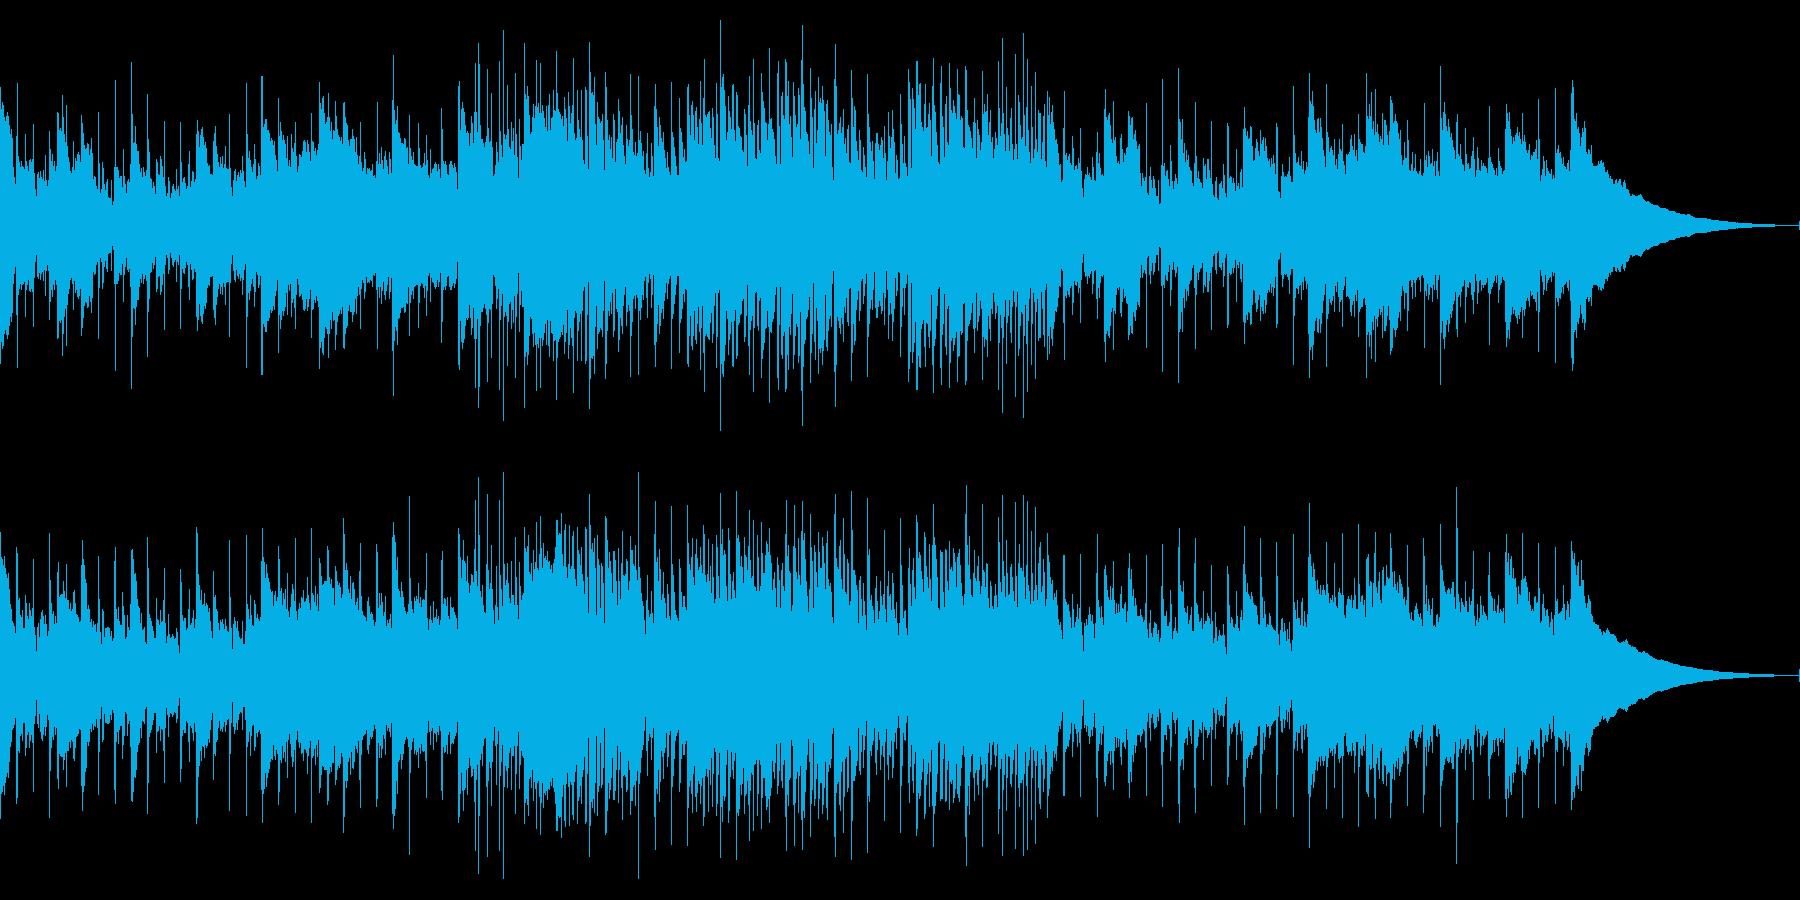 生演奏ウクレレ明るいオープニングかわいいの再生済みの波形